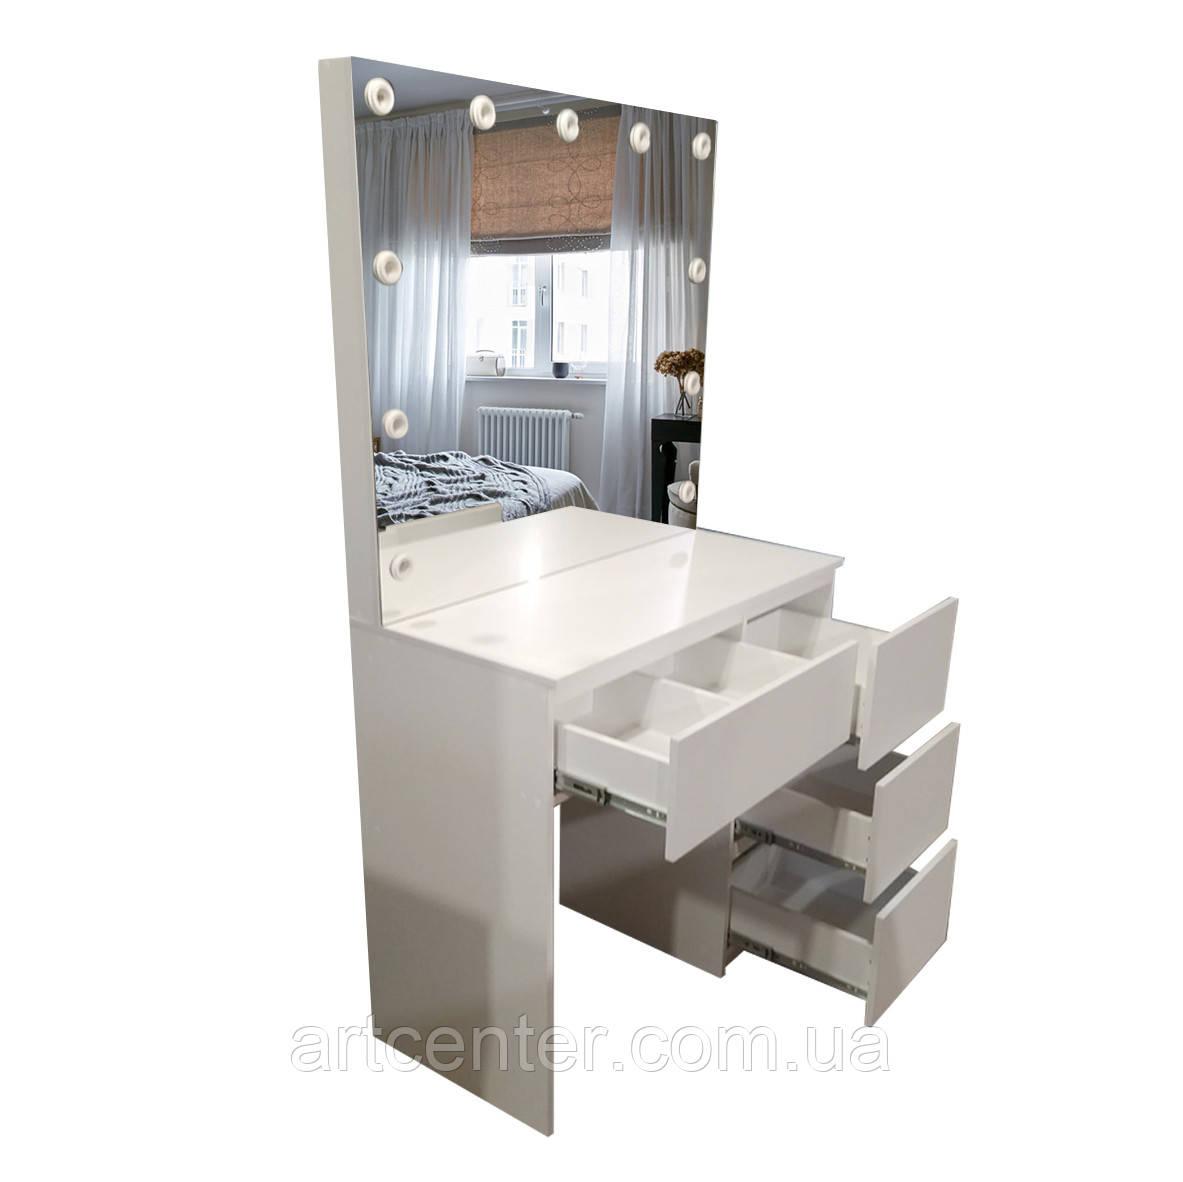 Стола для макияжа, визажный стол, центральный ящик с разделителем, без ручек